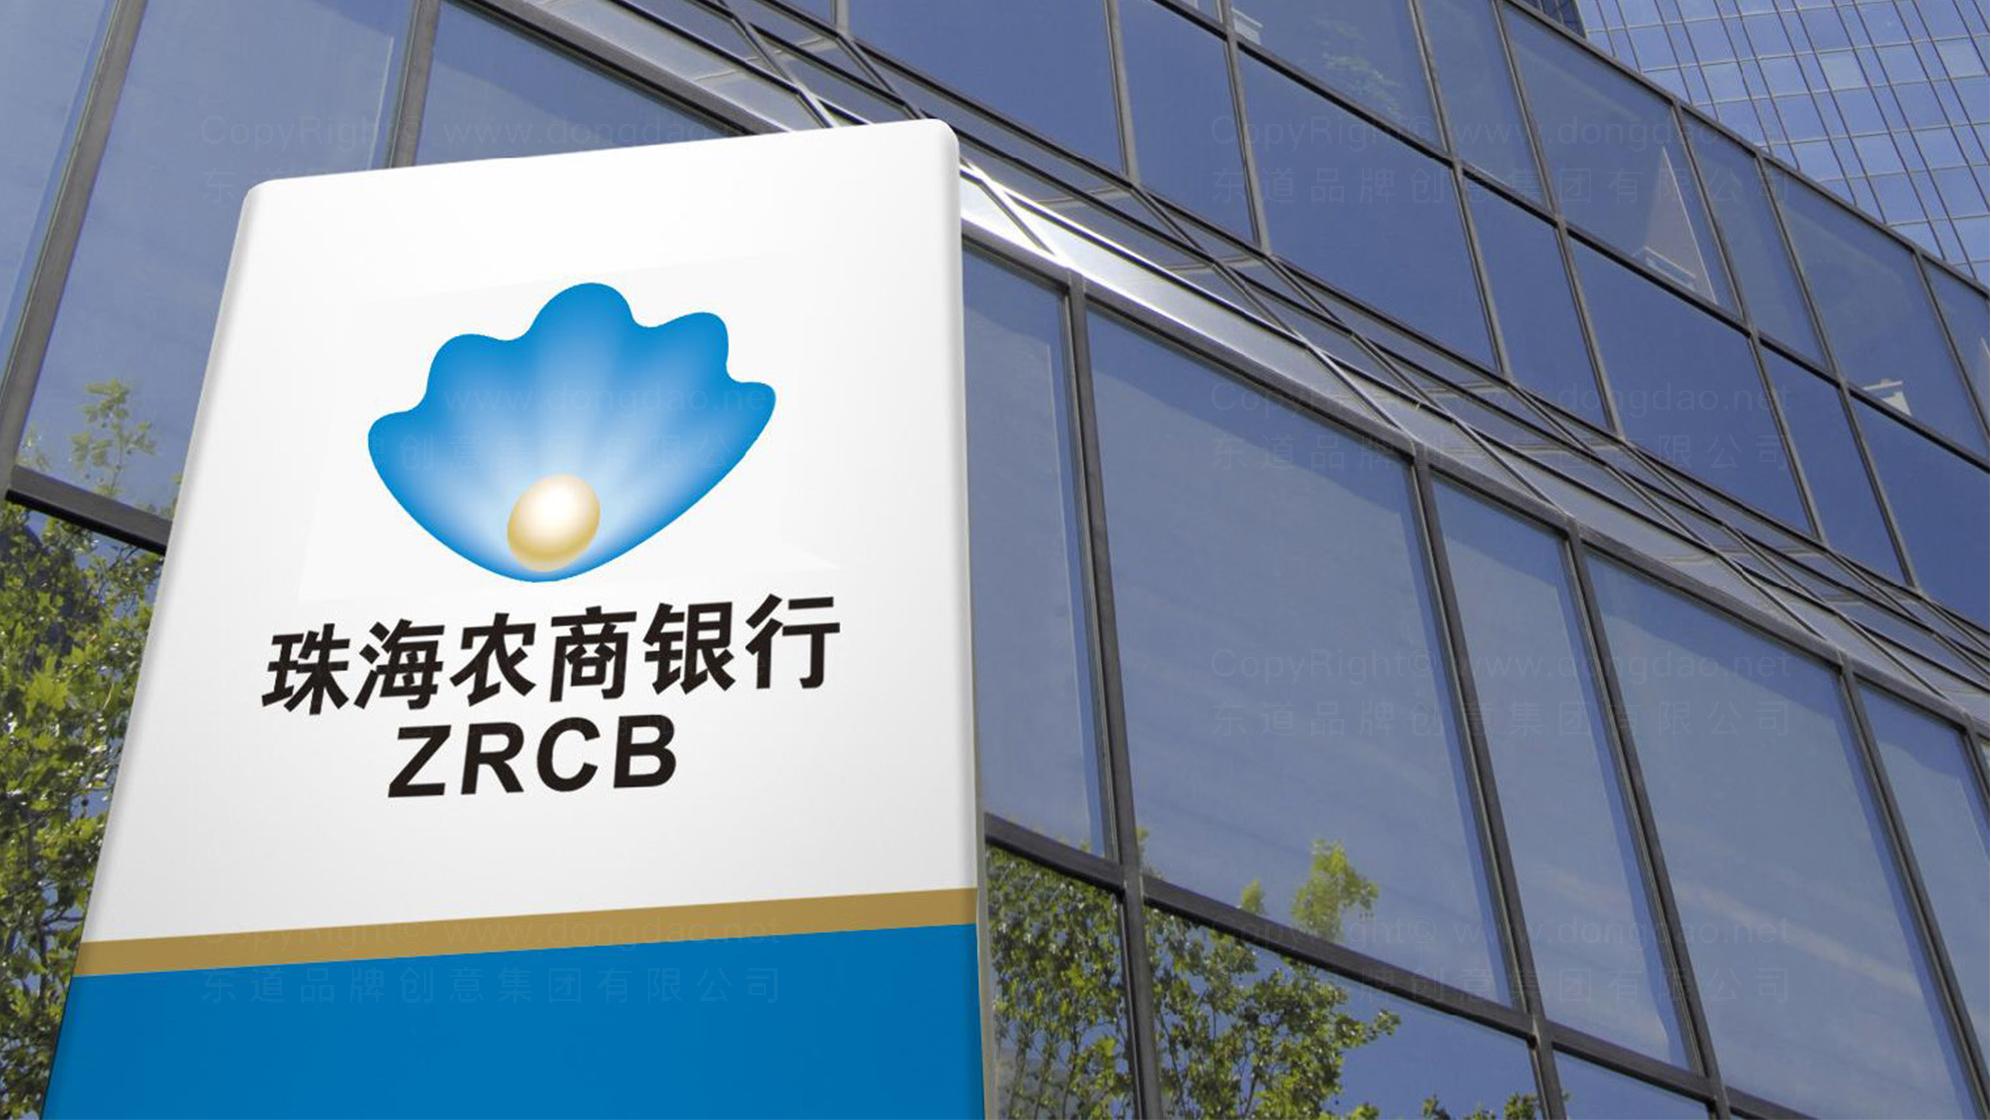 银行logo设计